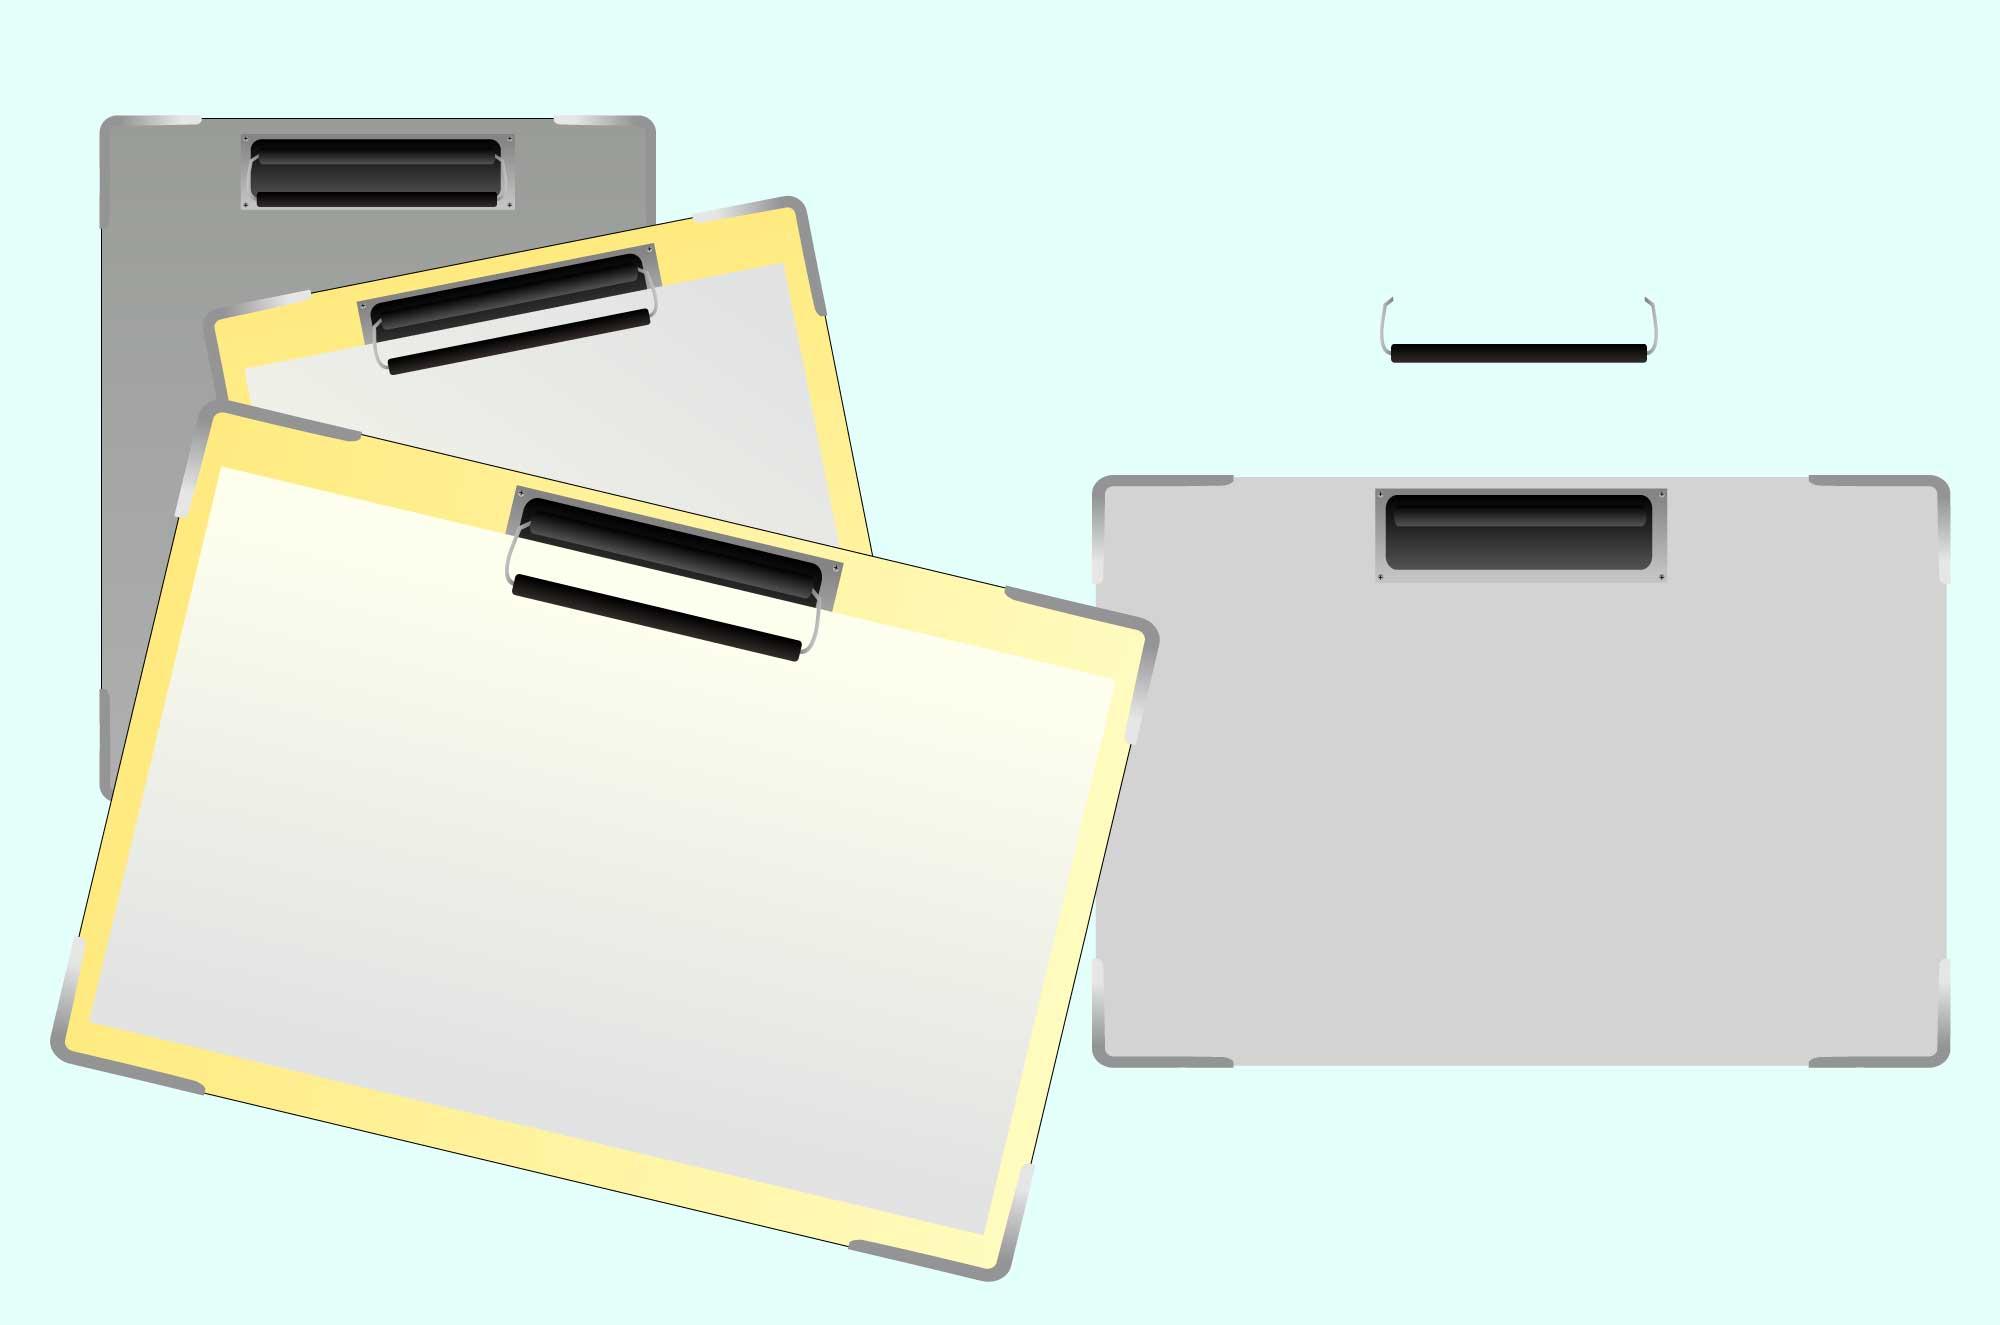 バインダー・クリップボードの無料イラスト素材